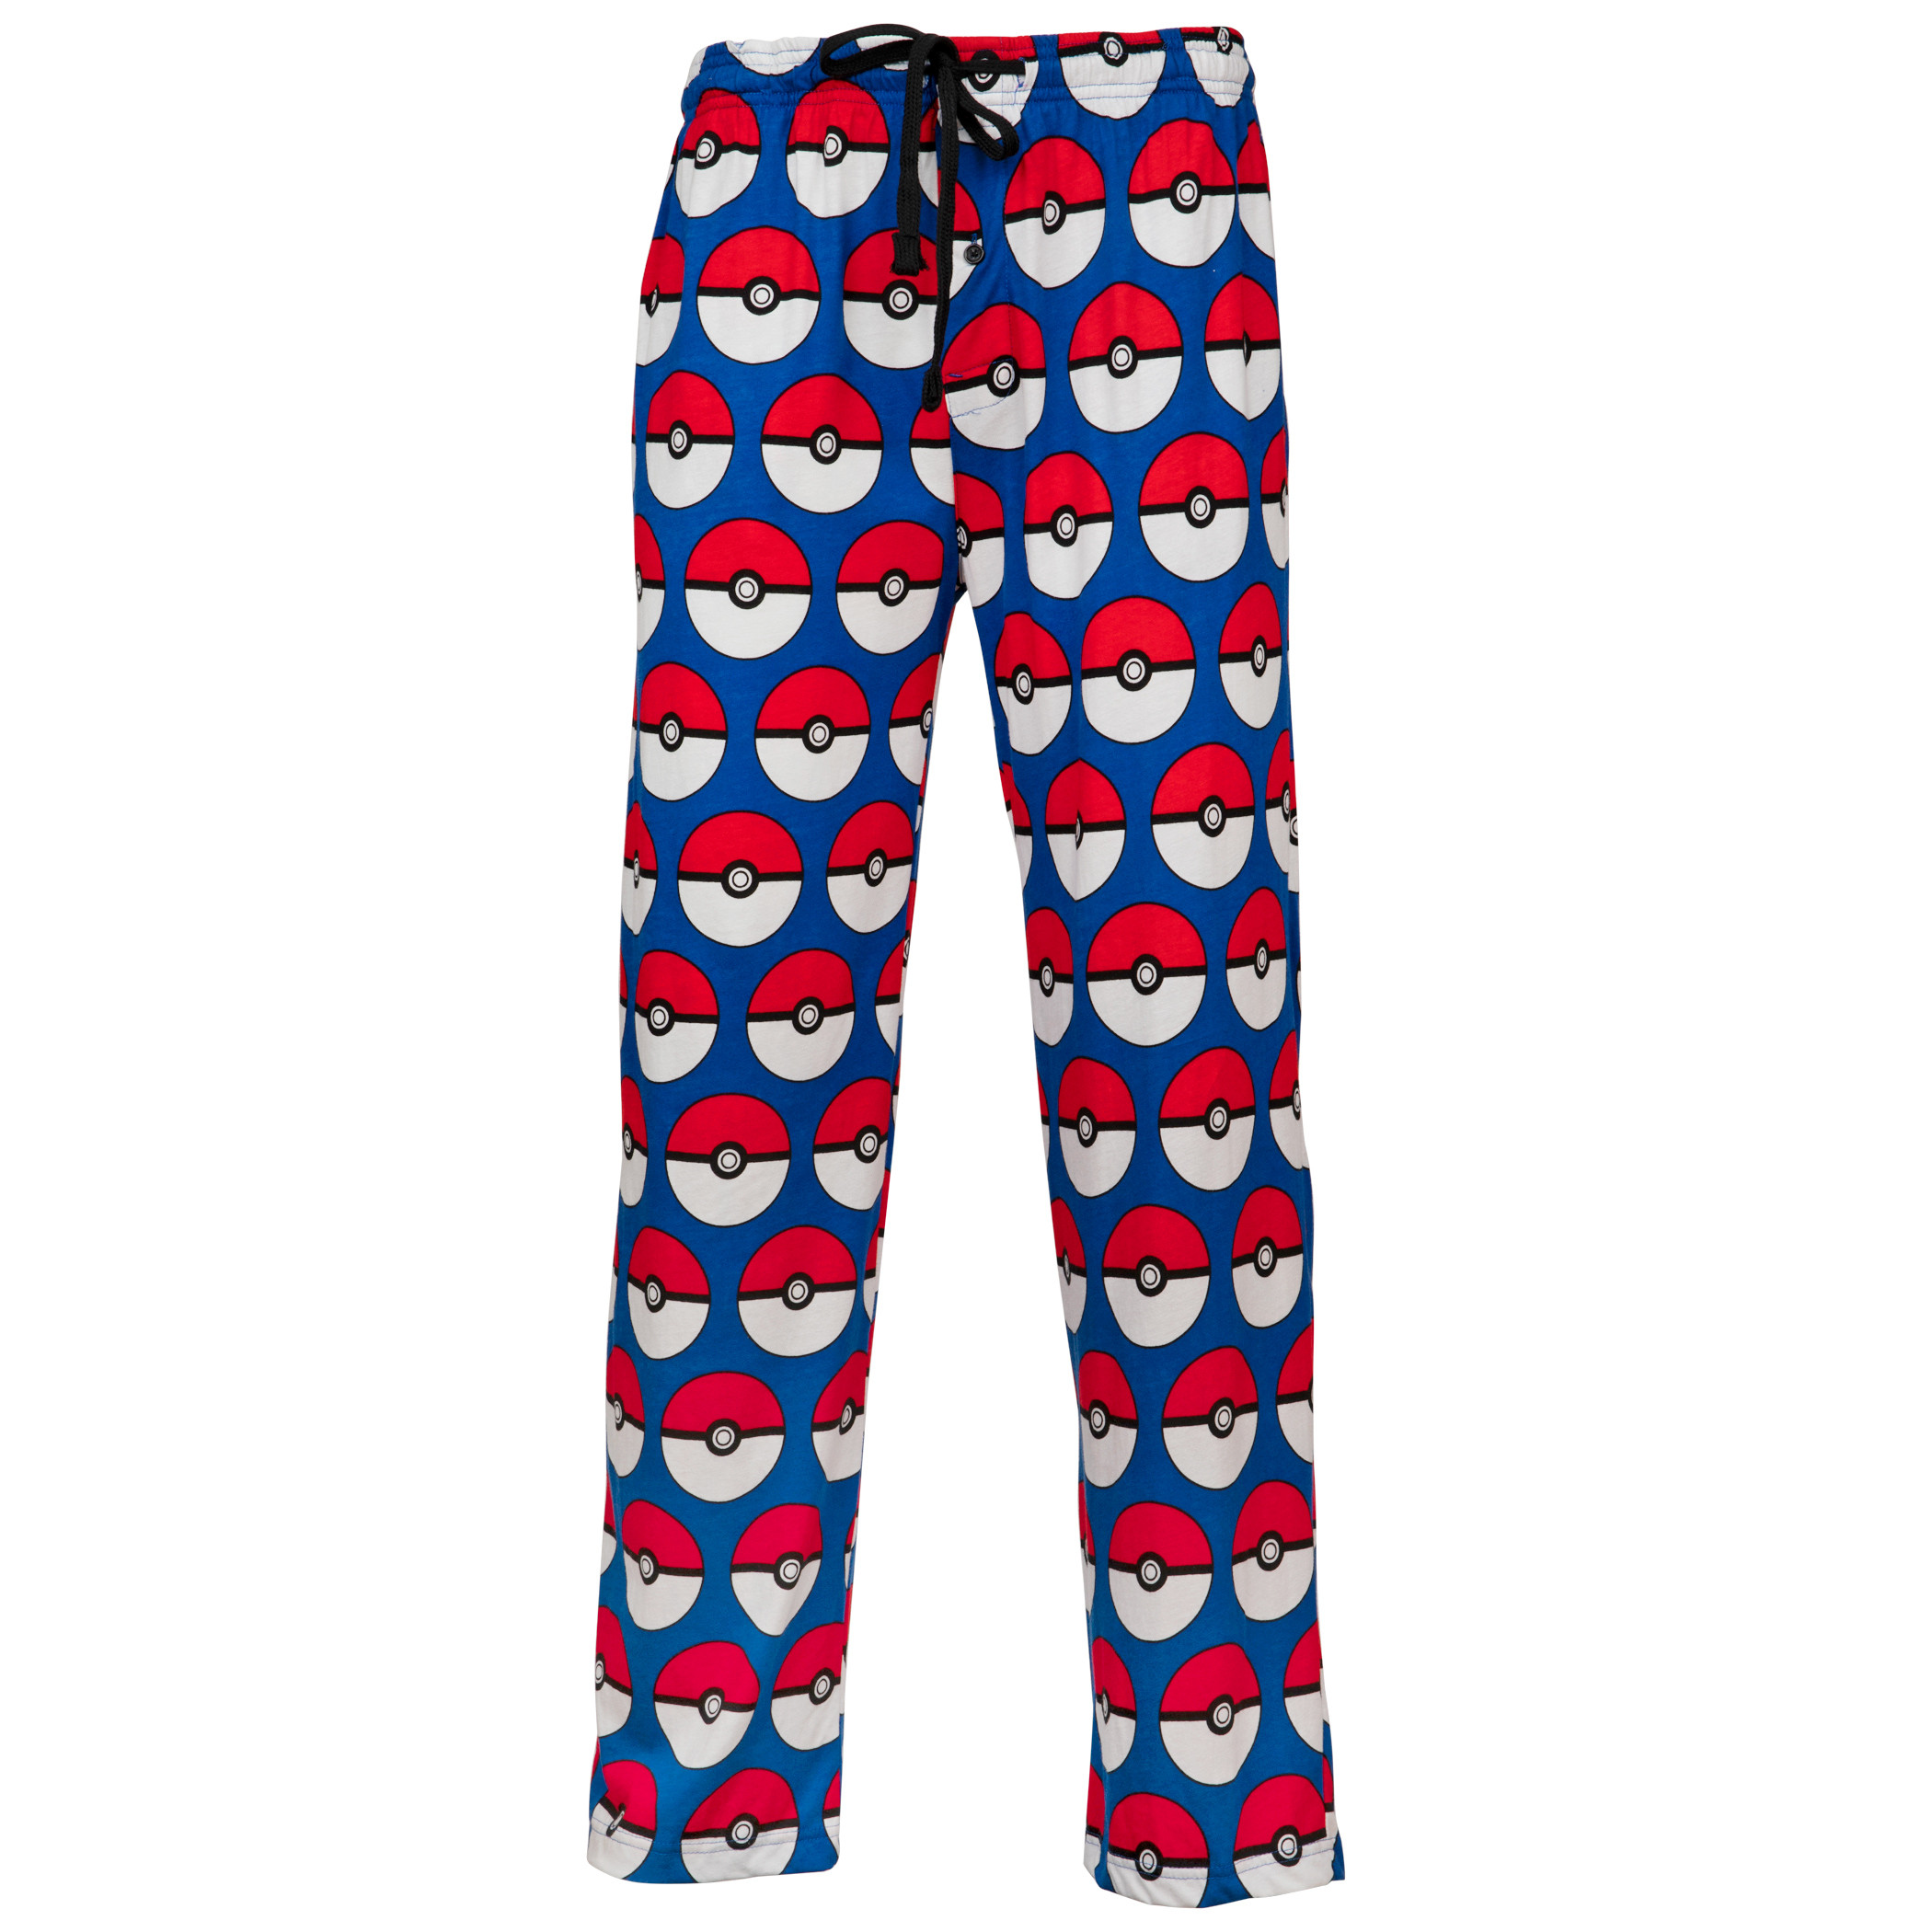 Pokemon Pokeballs All Over Print Pajama Sleep Pants